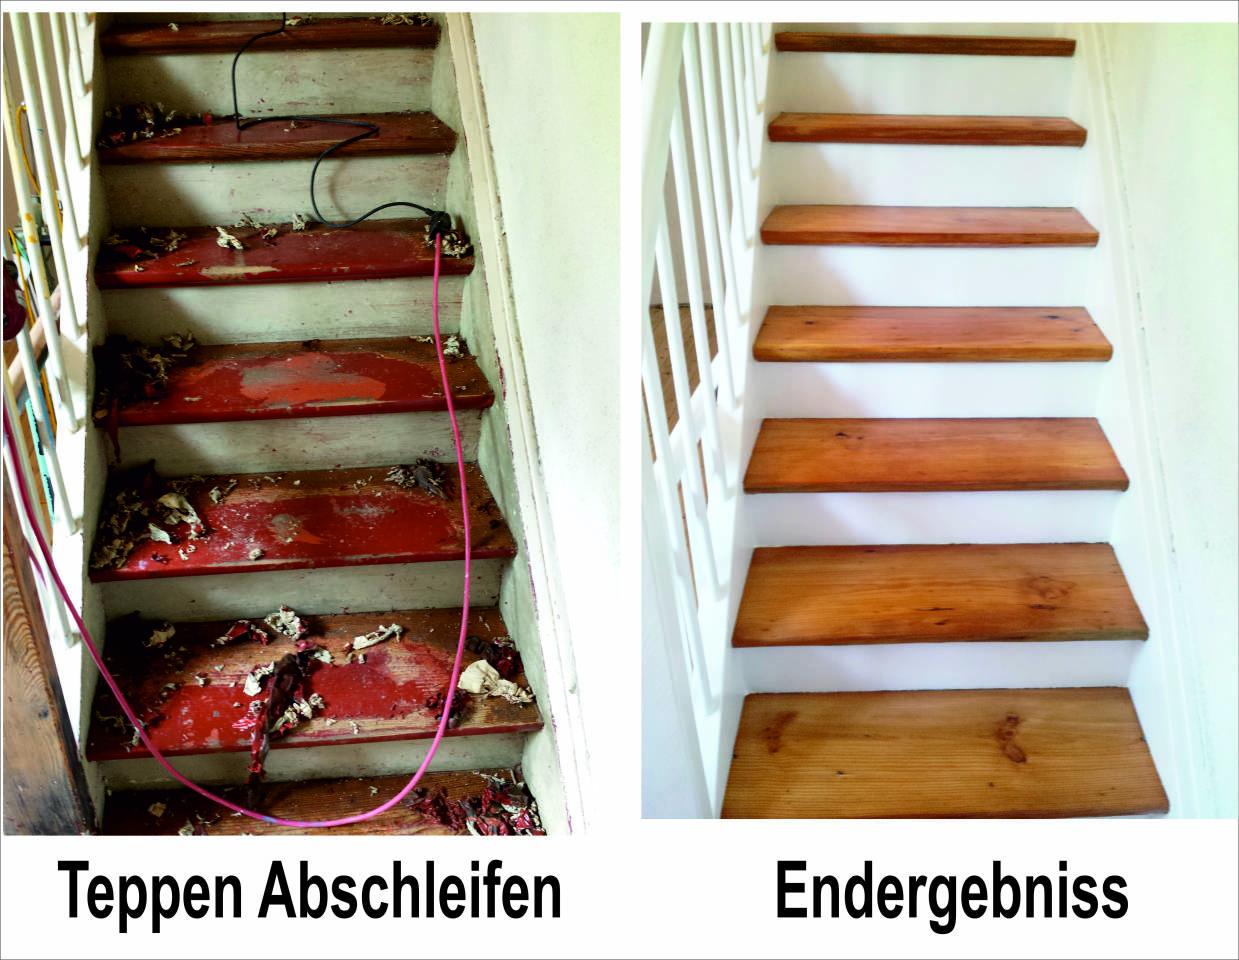 Alte Massivholz Treppe Abschleifen und neu anlegen Treppen-sanierung Treppenaubereitung Treppenerneuerung Firma Baron für alle Fälle